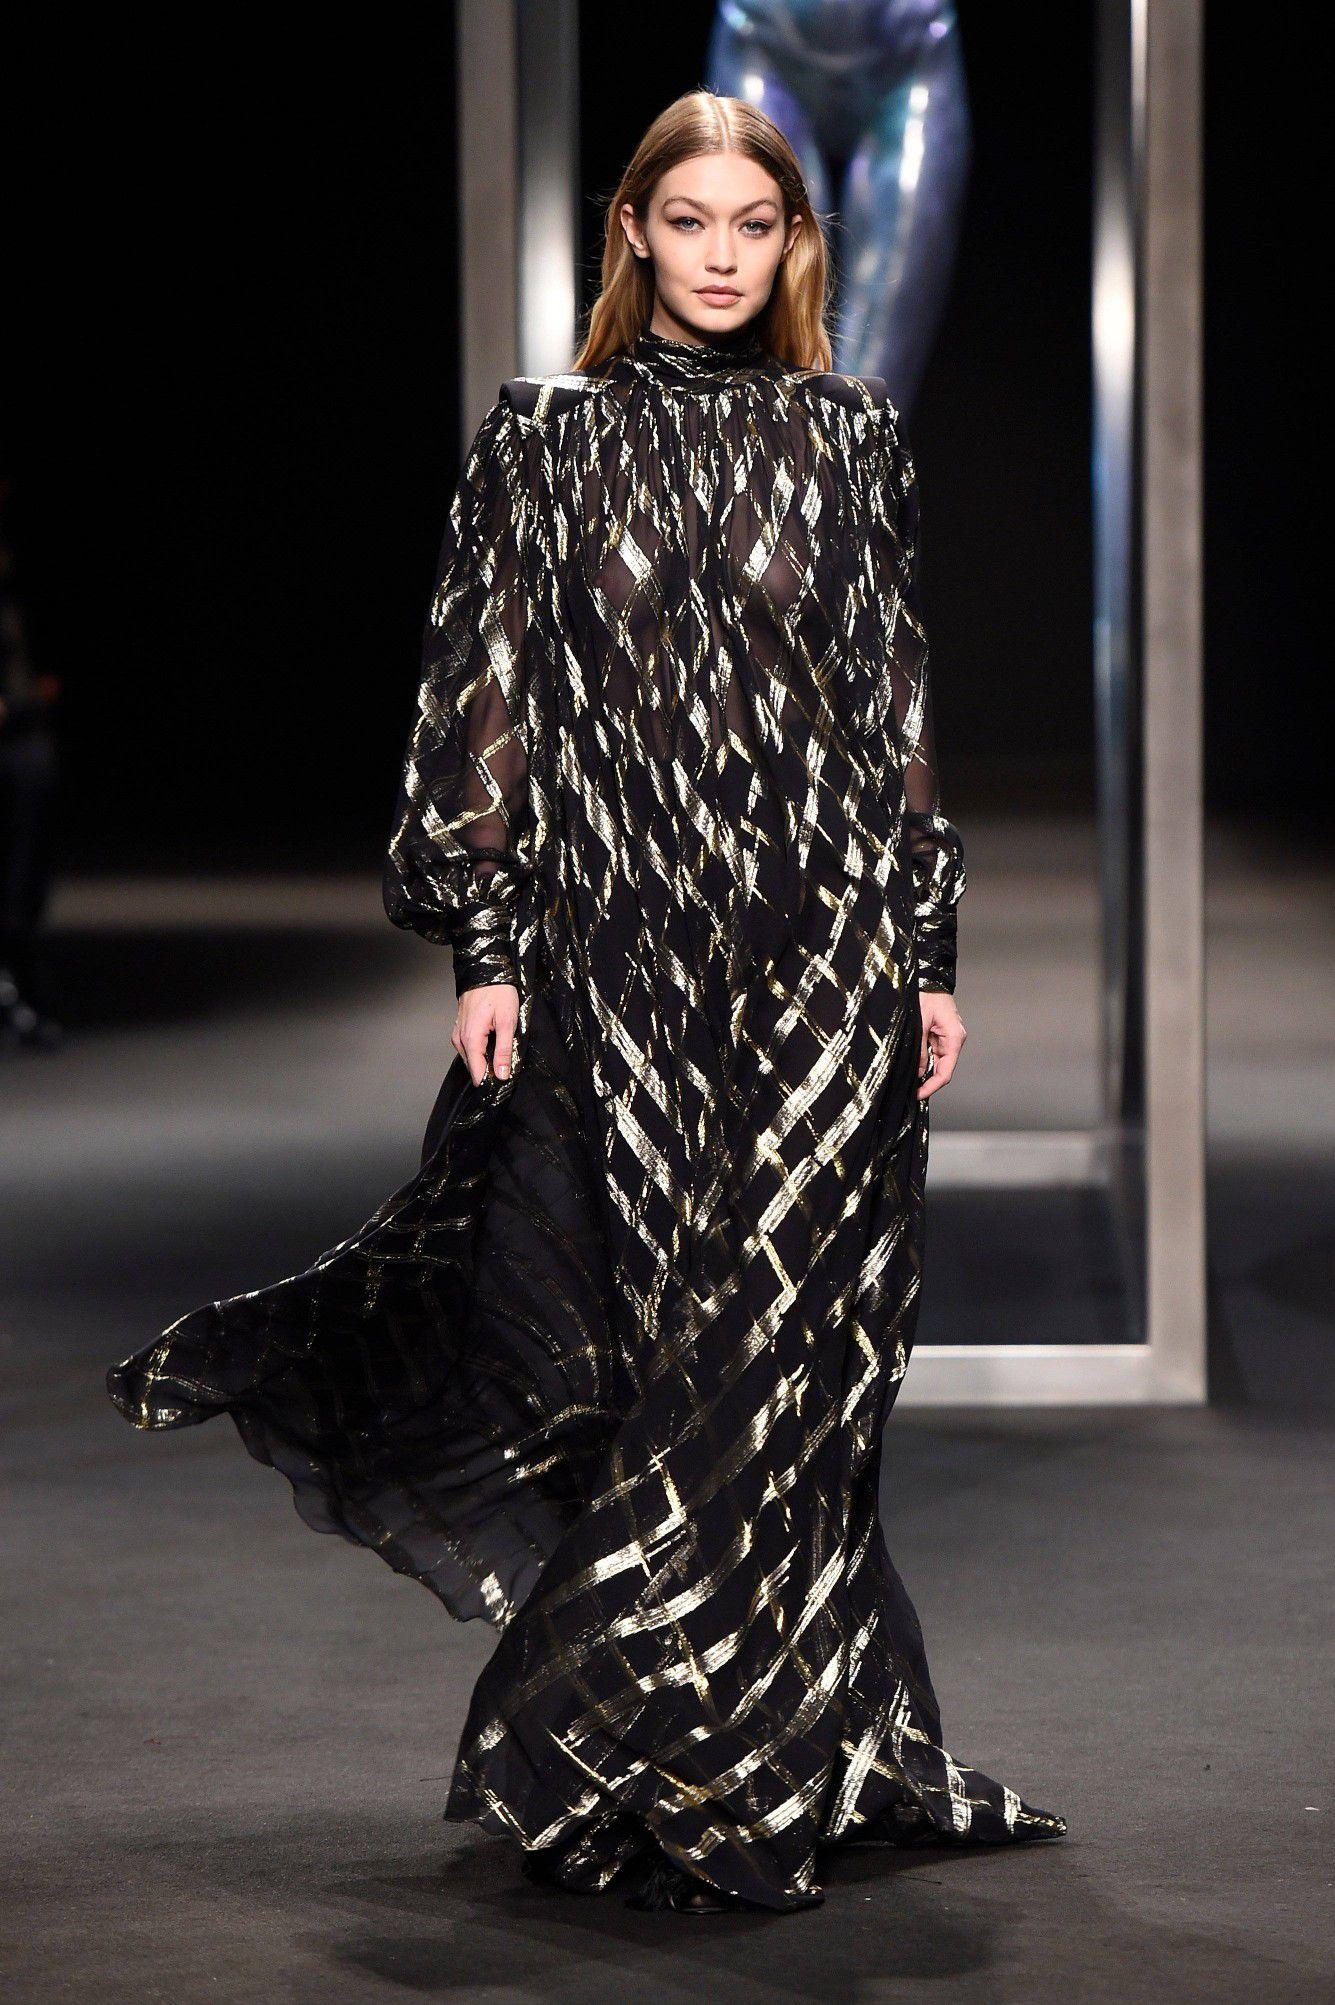 gigi-hadid-braless-see-thru-dress-at-milan-fashion-show-8674